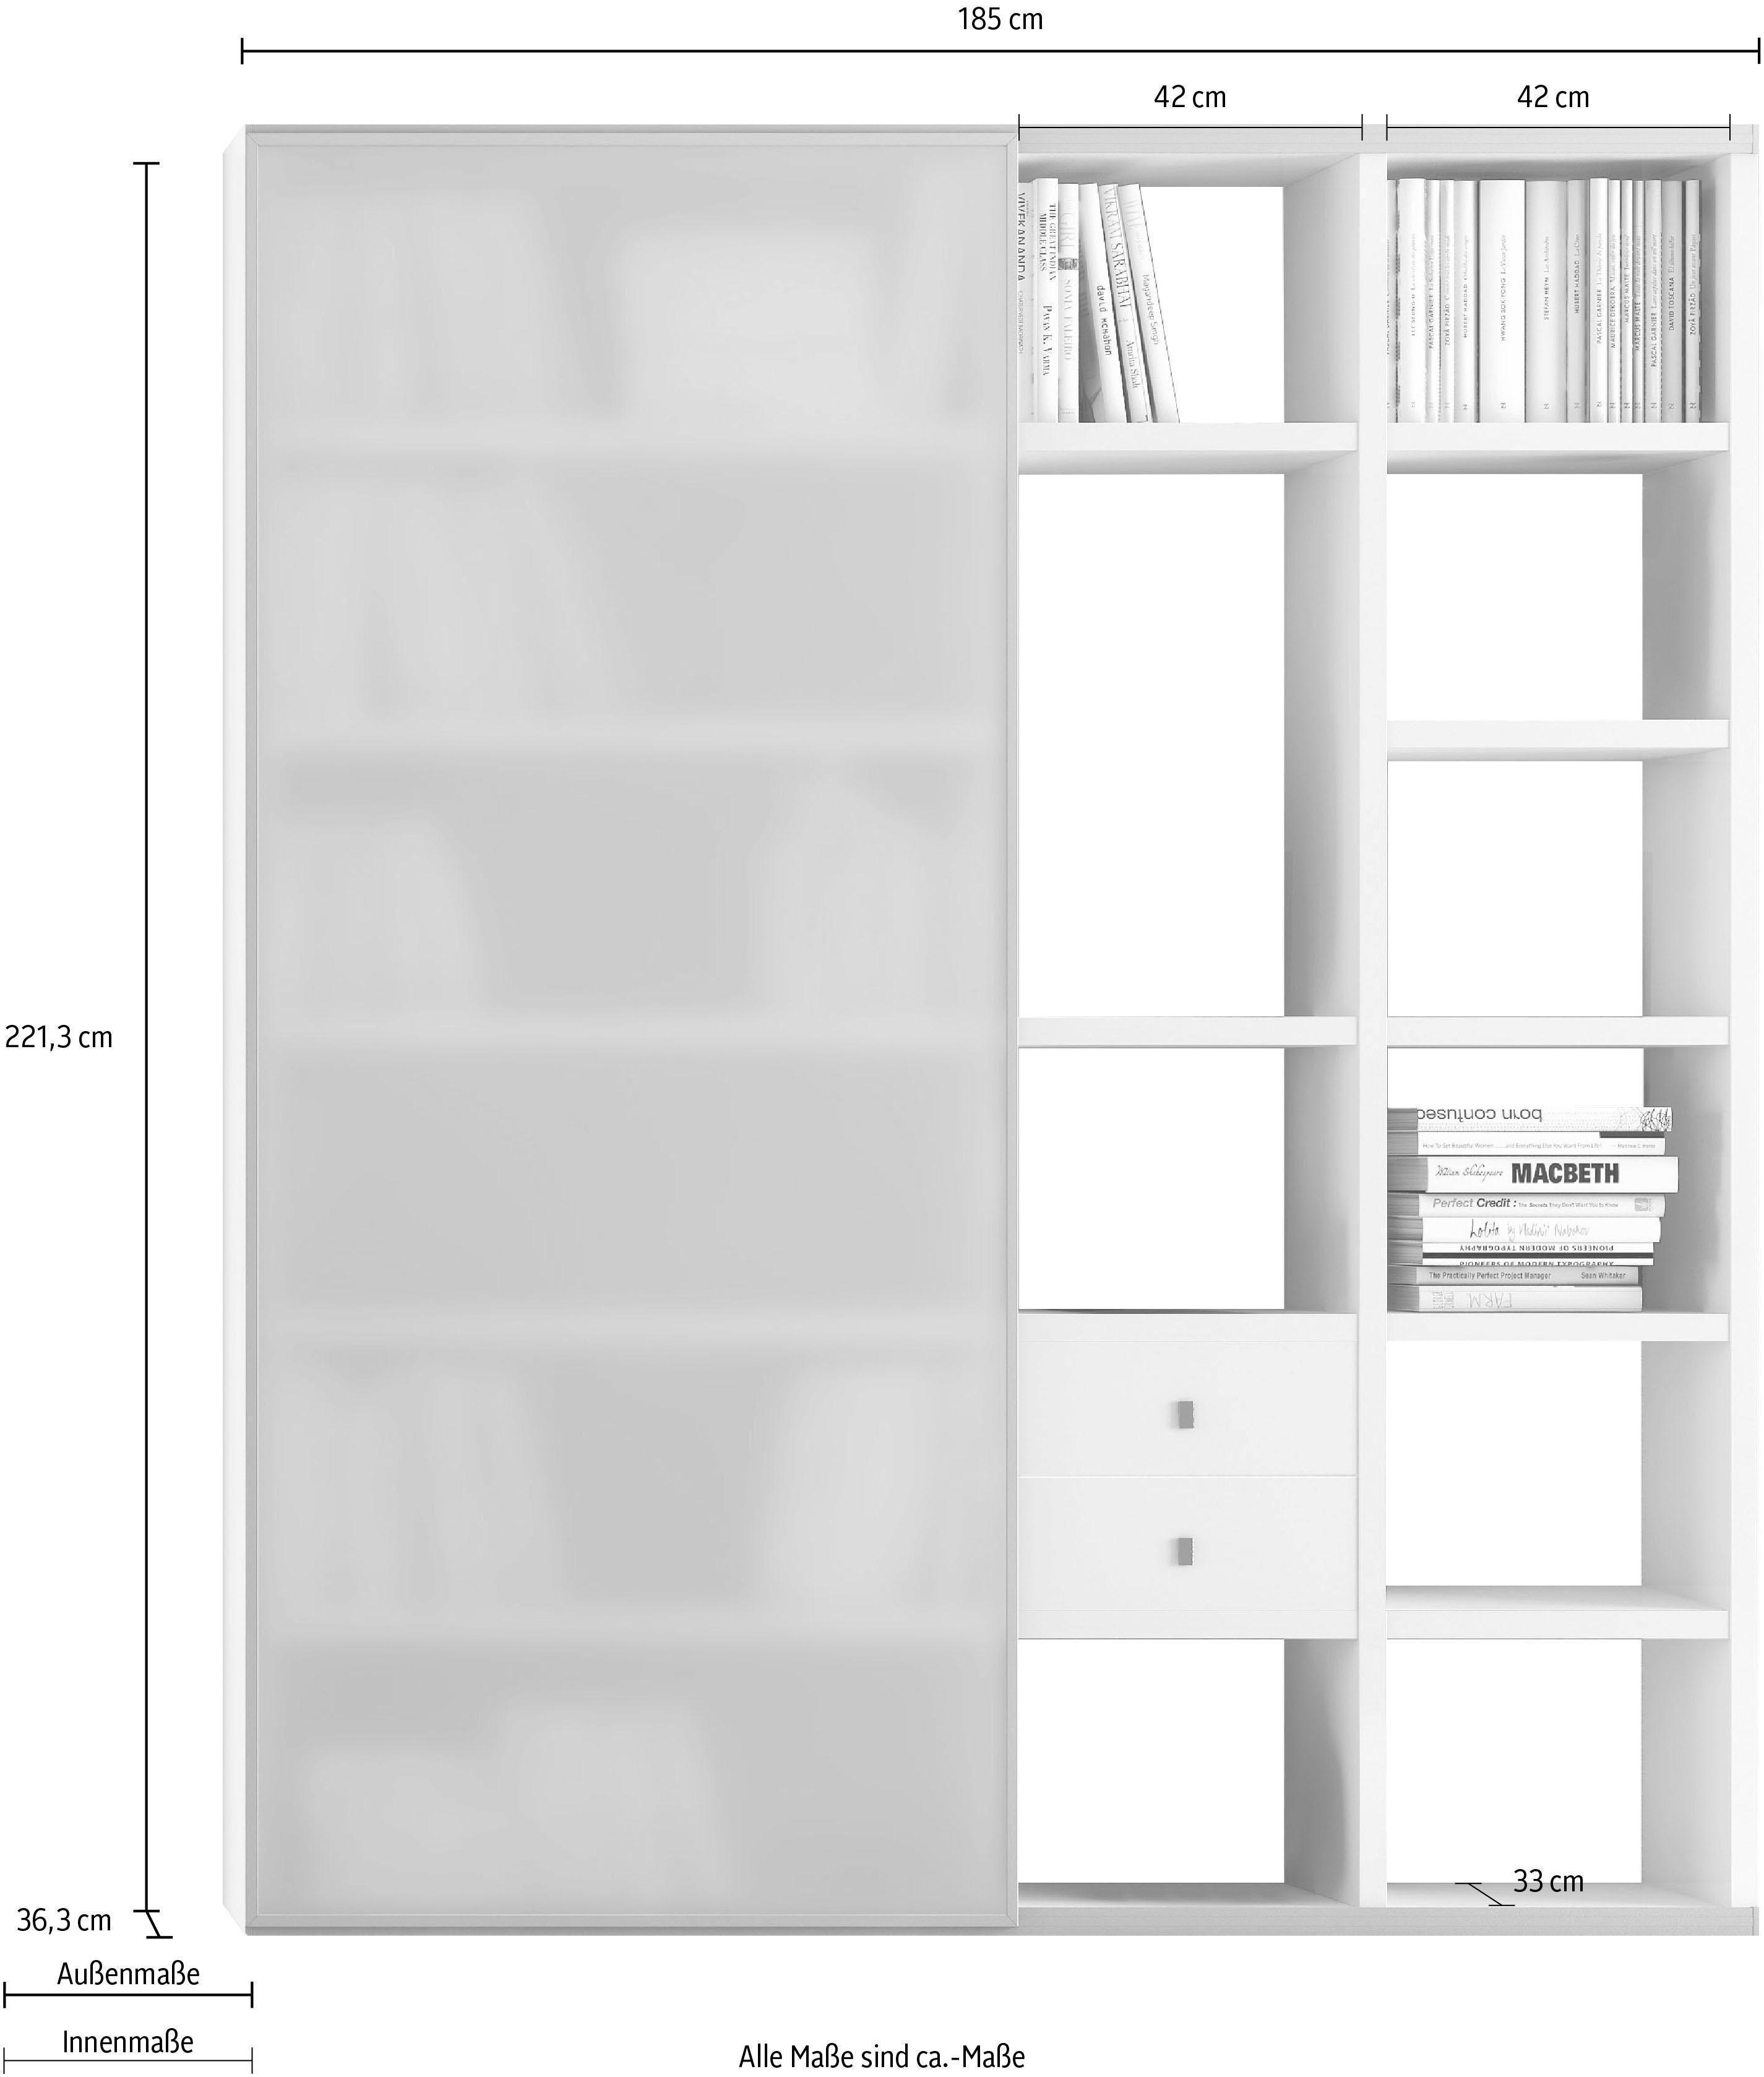 Standregal-Stand-Regal-Wohnen-Standregale-Regale-Made-In-Germany-Viel-Stauraum Indexbild 3